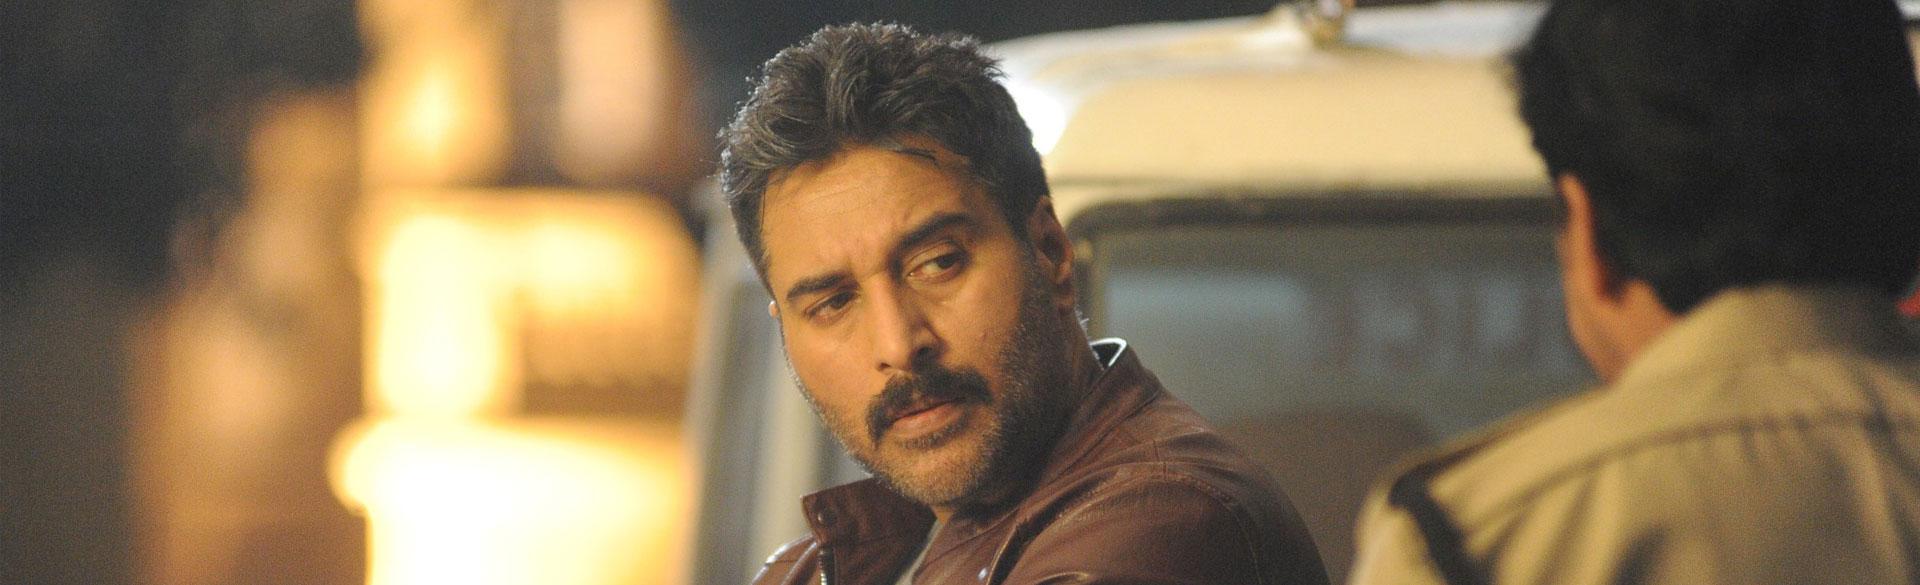 இன்று ஜுன் 5, 2019 வெளியான படம் - 7 - Tamil Movies Database